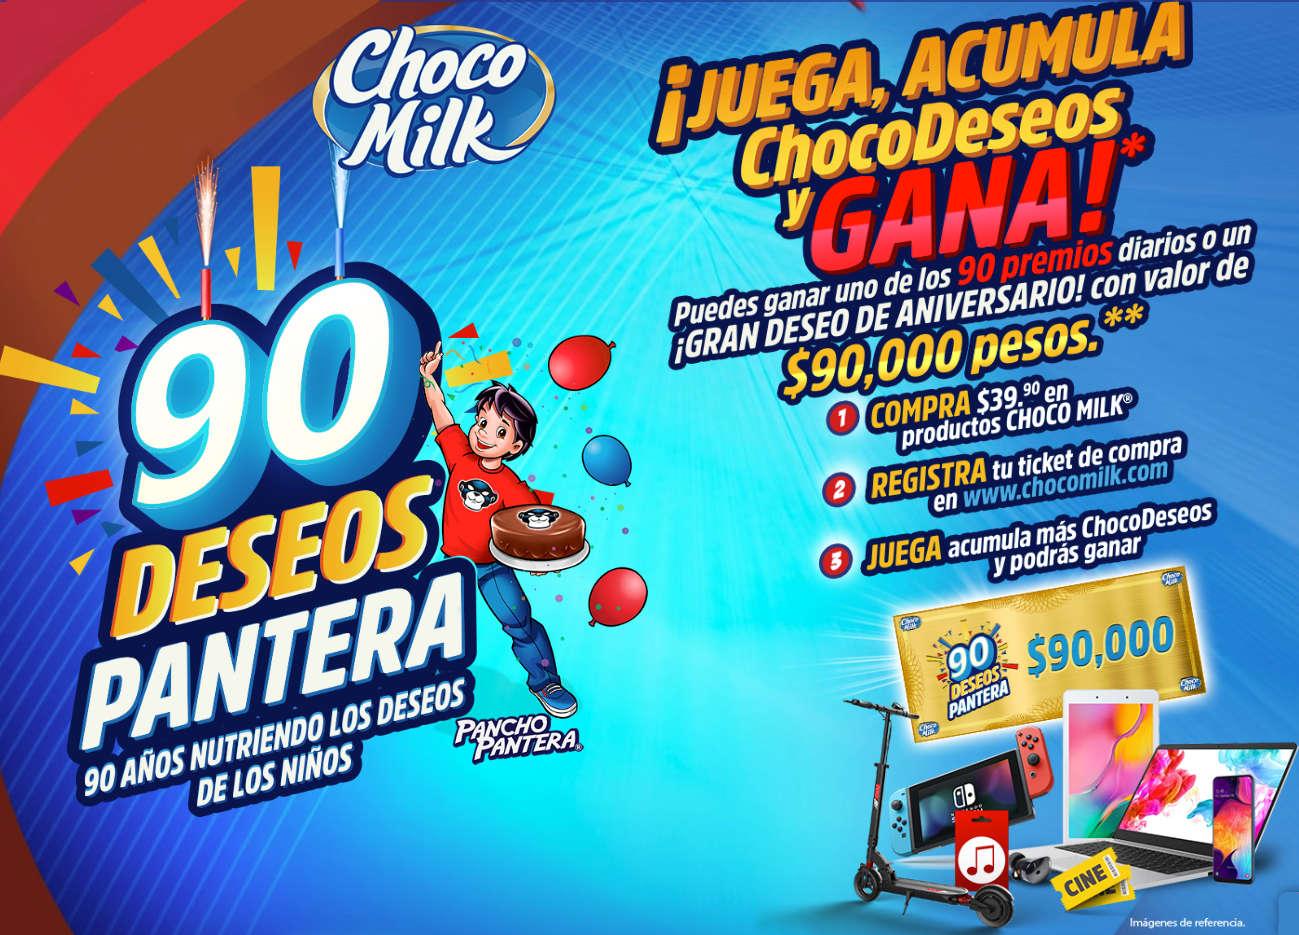 Promoción Chocomilk 2020 Pancho Pantera: Gana $90,000 y Premios